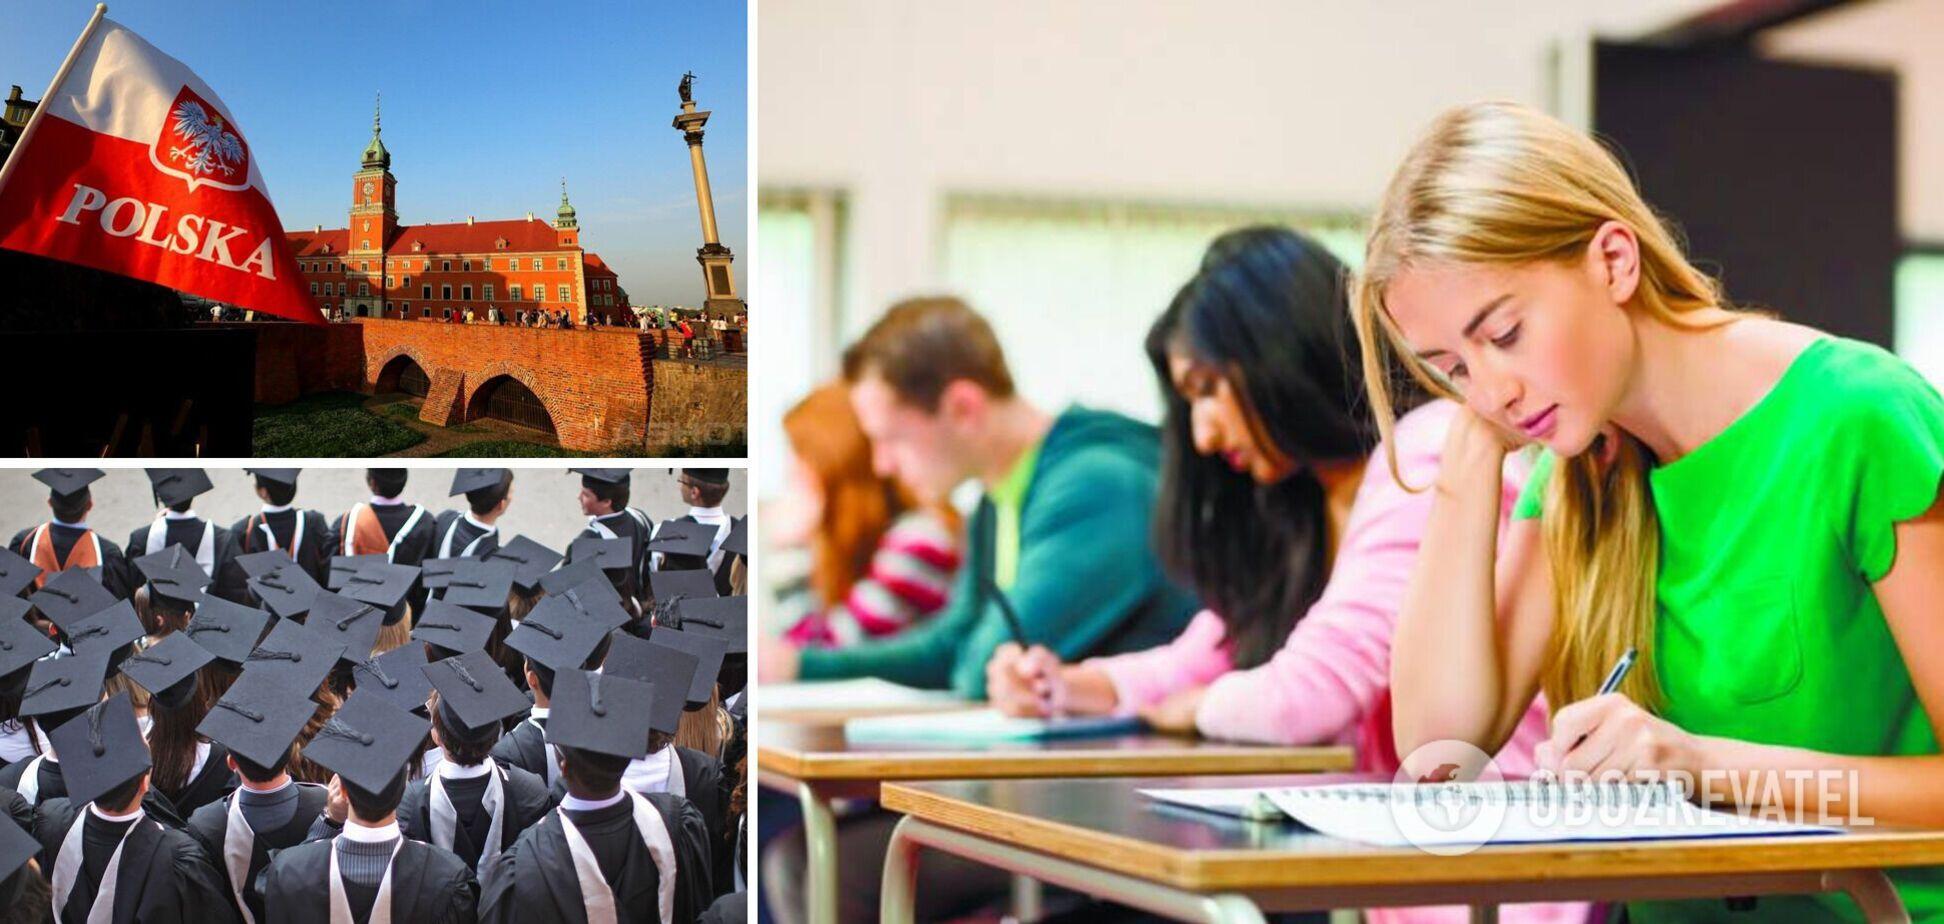 Украинцы массово уезжают учиться в Польшу